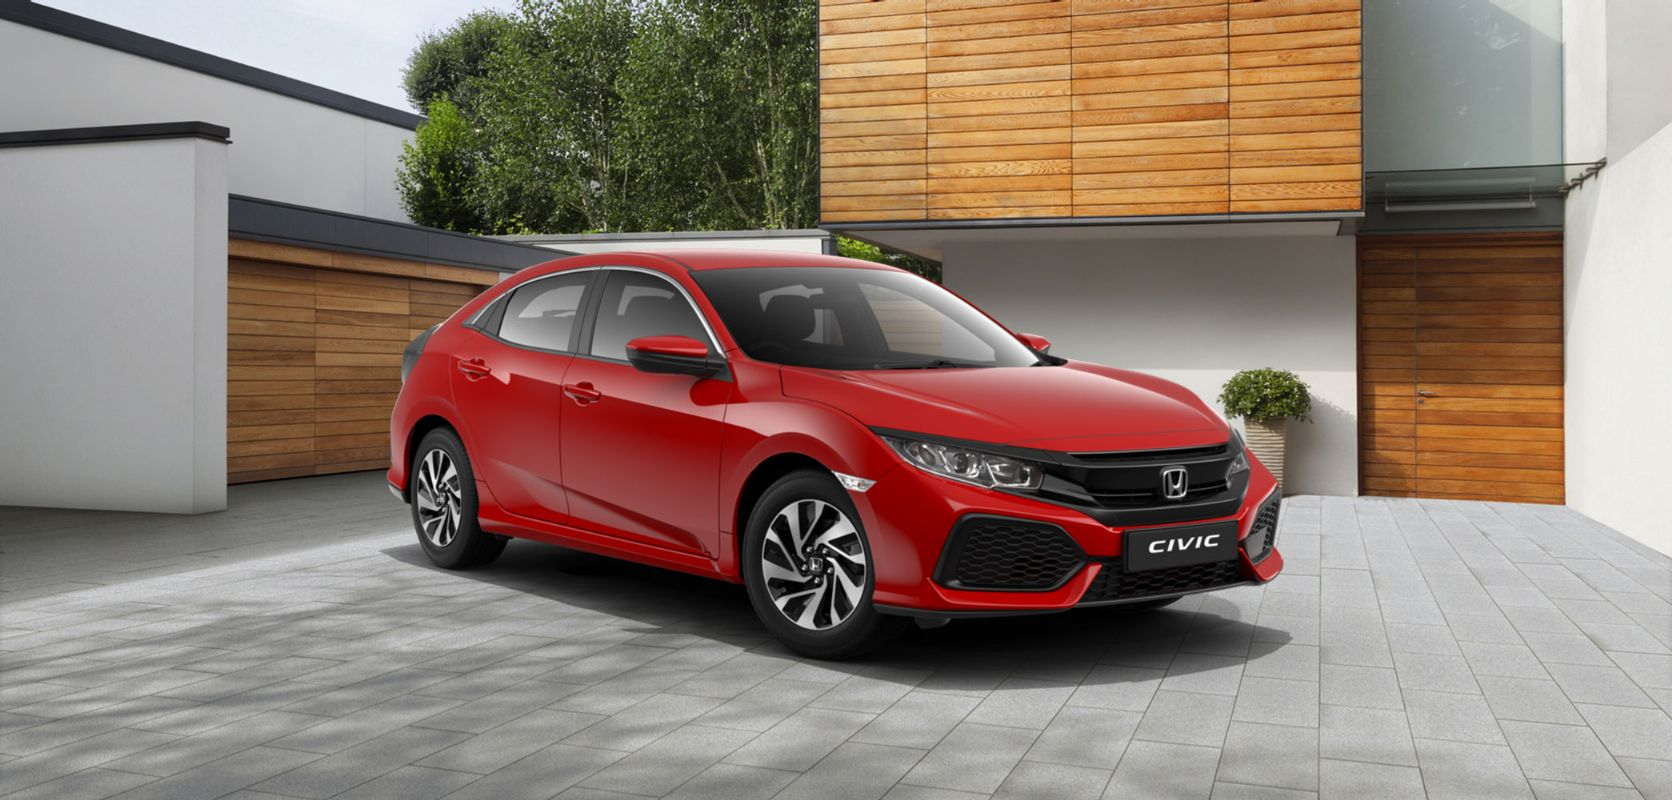 Zašto odabrati Honda Hugal auto servis za popravak vašeg Honda automobila?